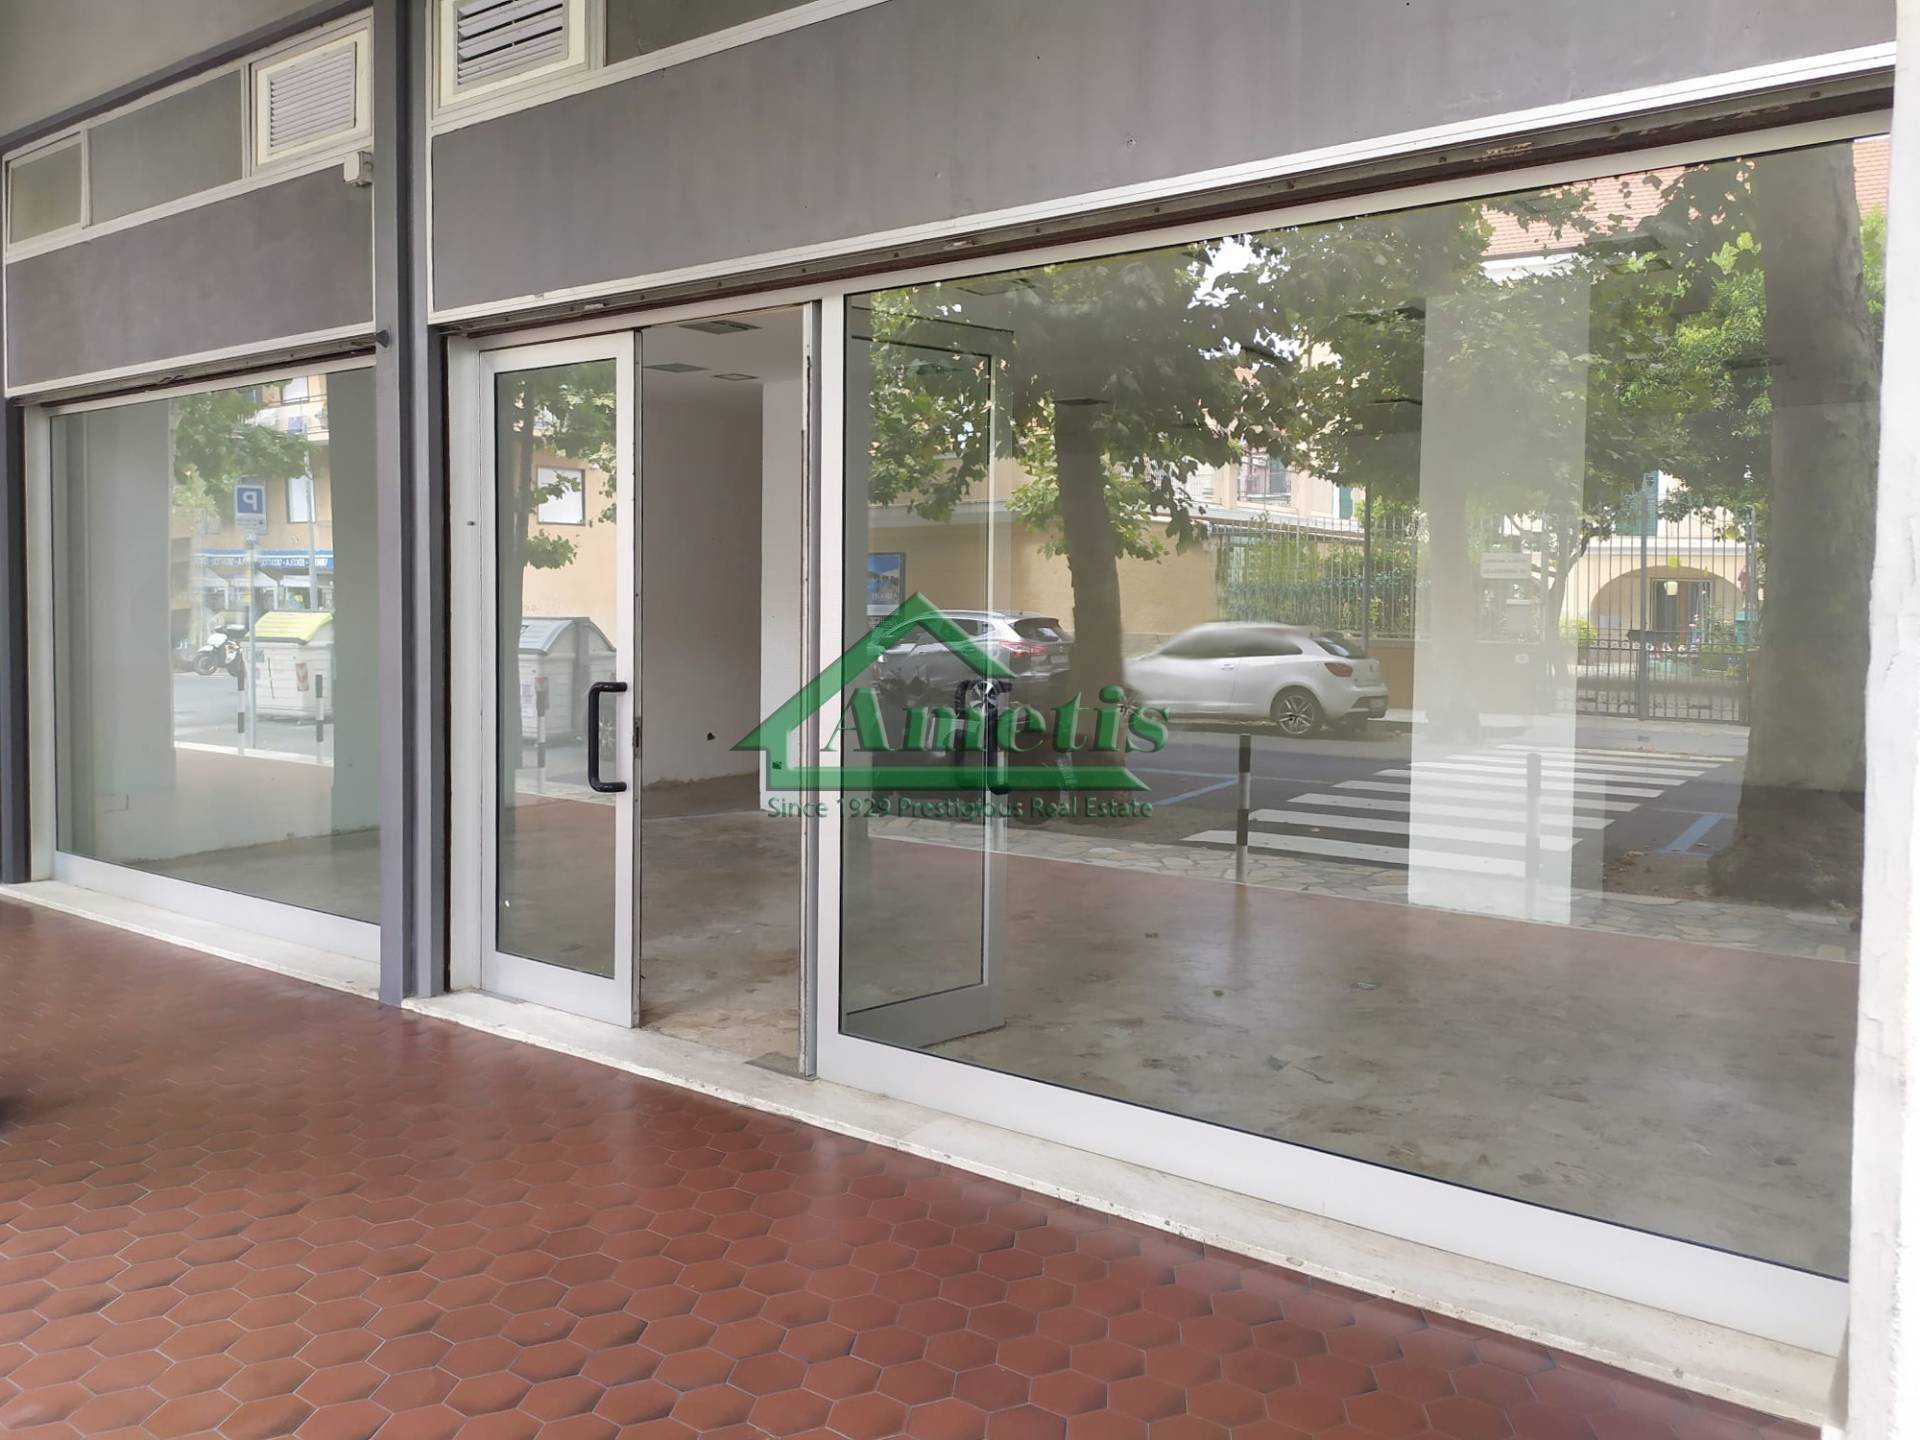 Negozio / Locale in affitto a Diano Marina, 1 locali, prezzo € 1.300 | PortaleAgenzieImmobiliari.it